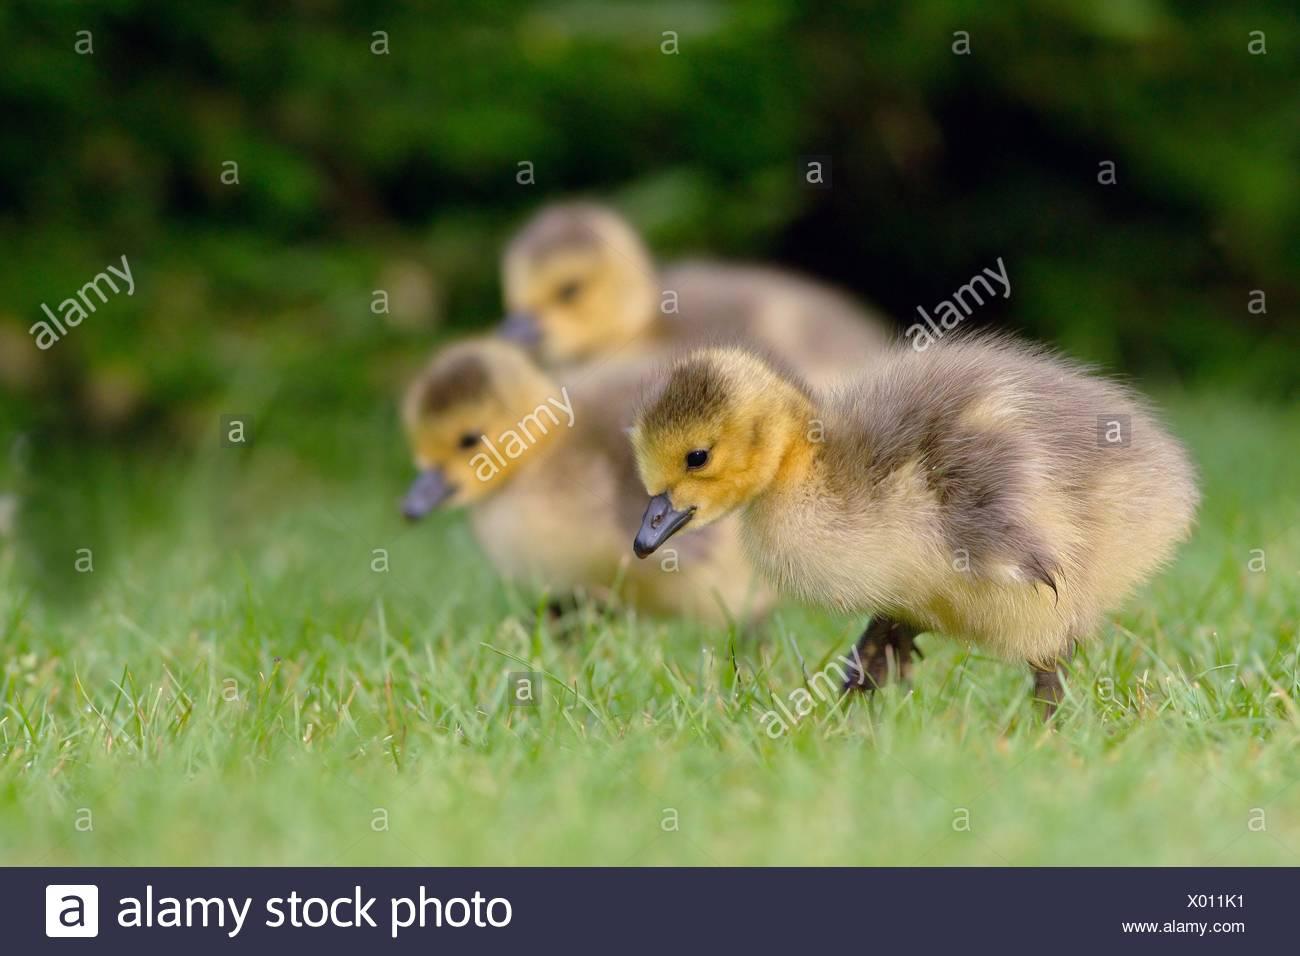 fledglings - Stock Image